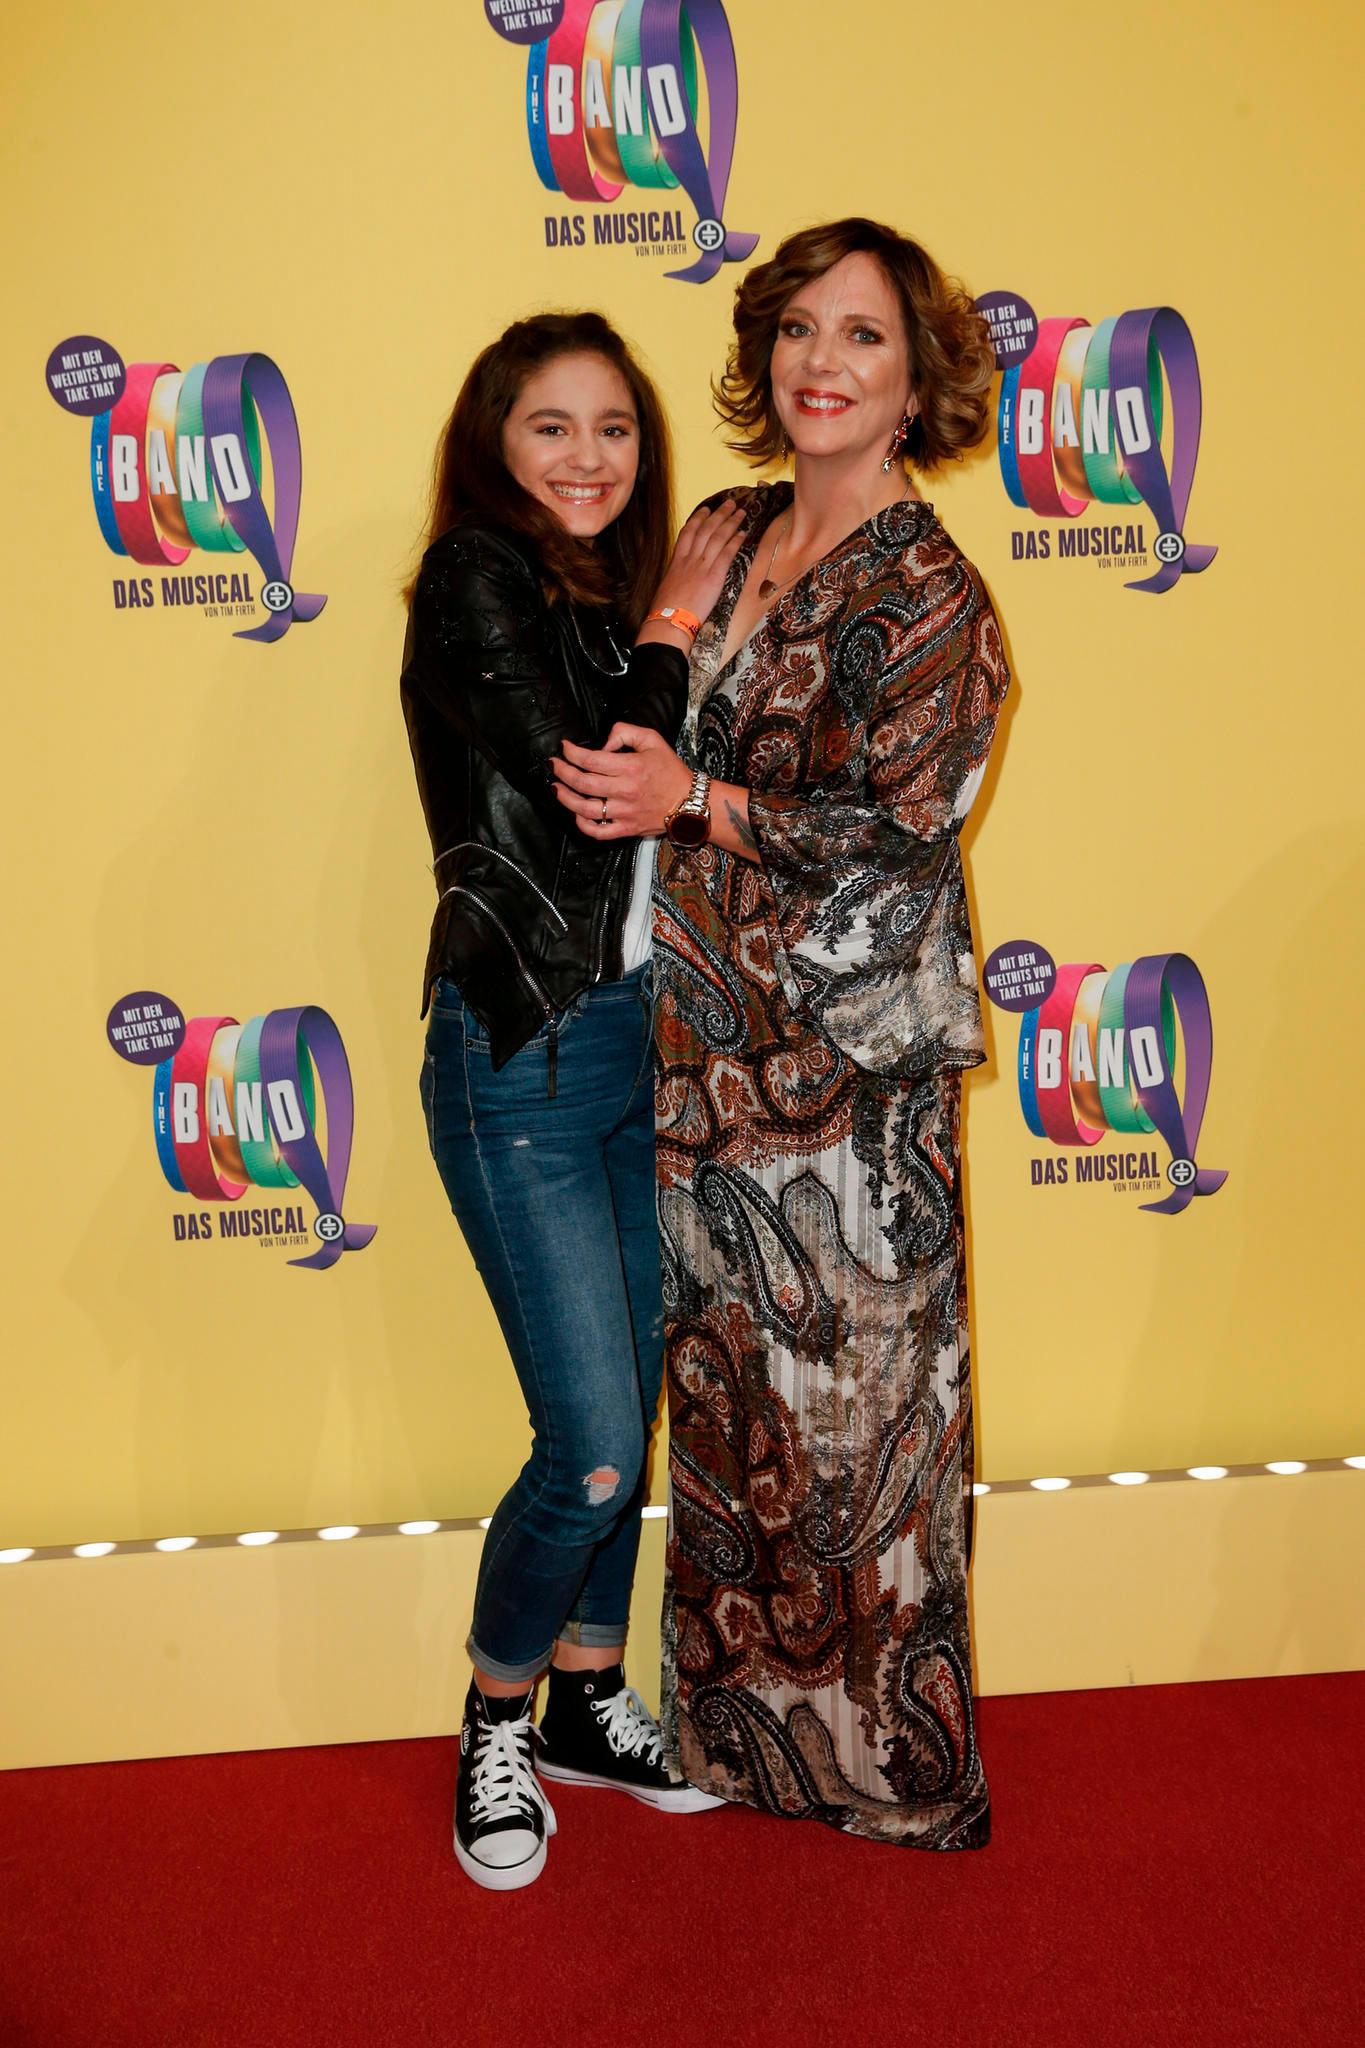 Jada und Danni meisterten ihren Auftritt als starkes Frauen-Duo